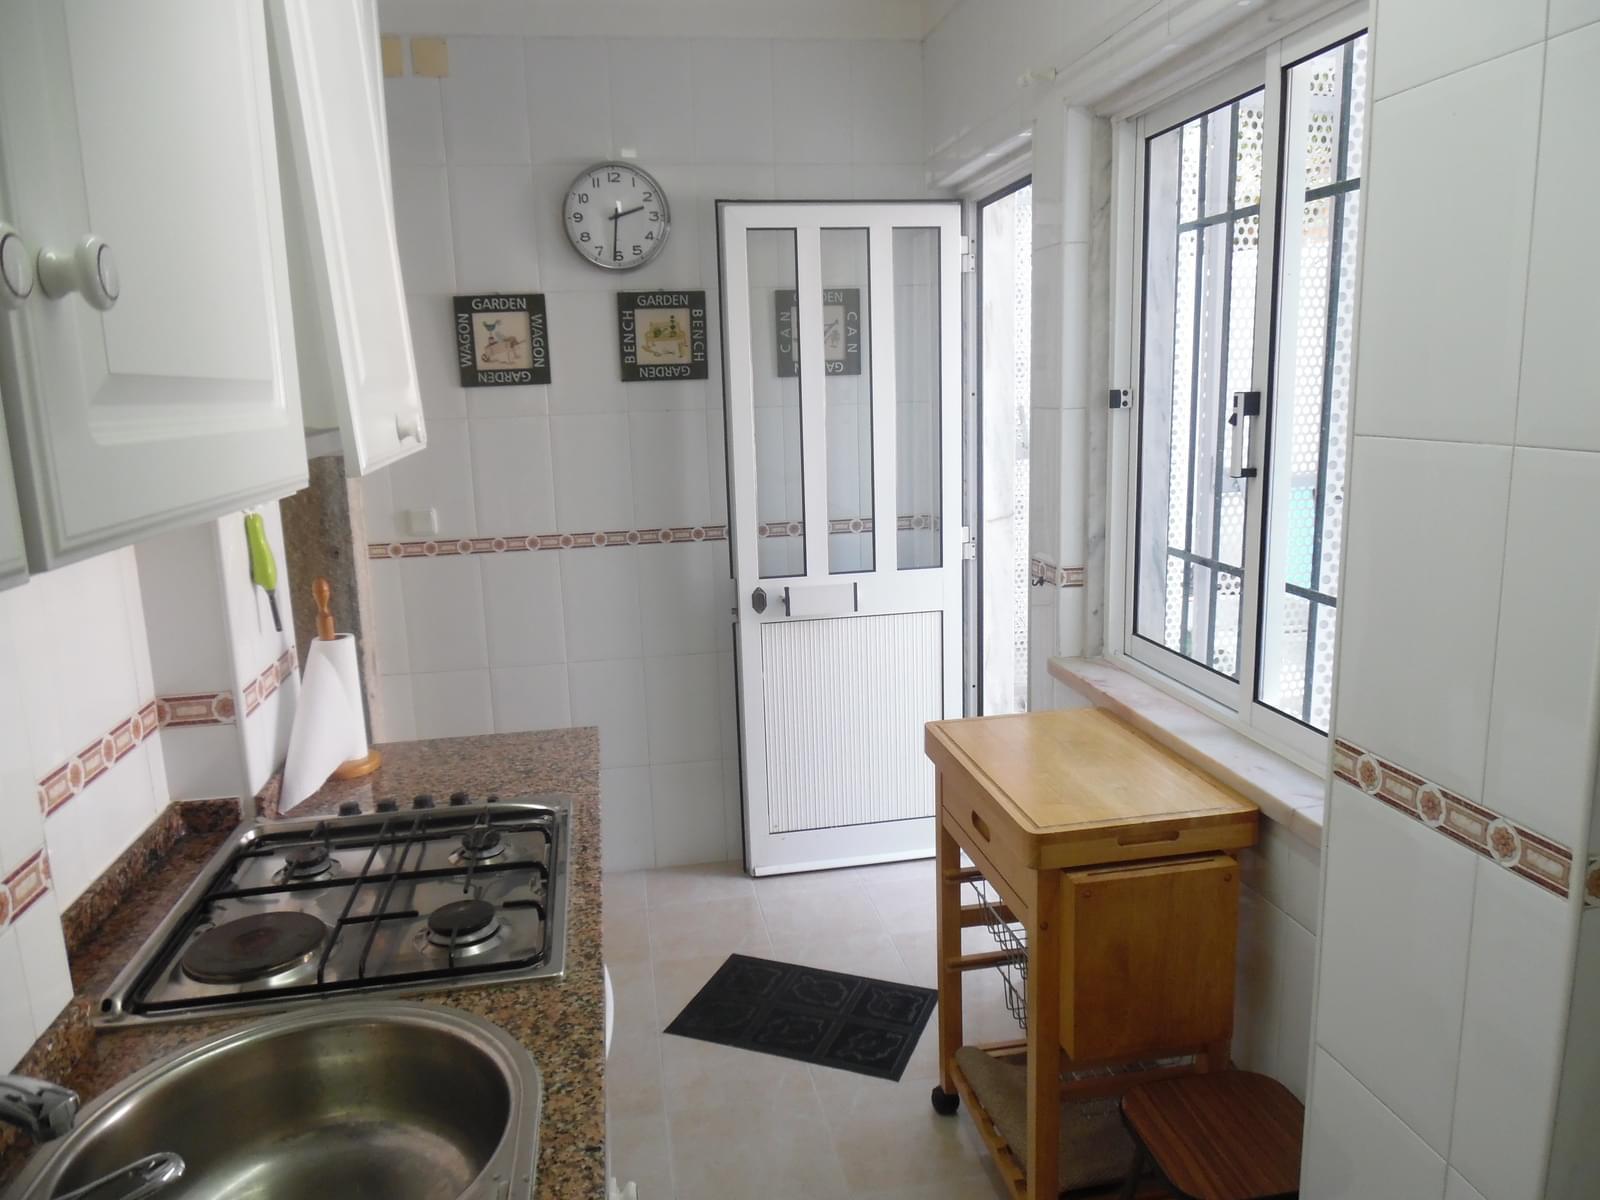 pf17147-apartamento-t2-lisboa-390d6671-be81-4f07-a42a-be4396671acf